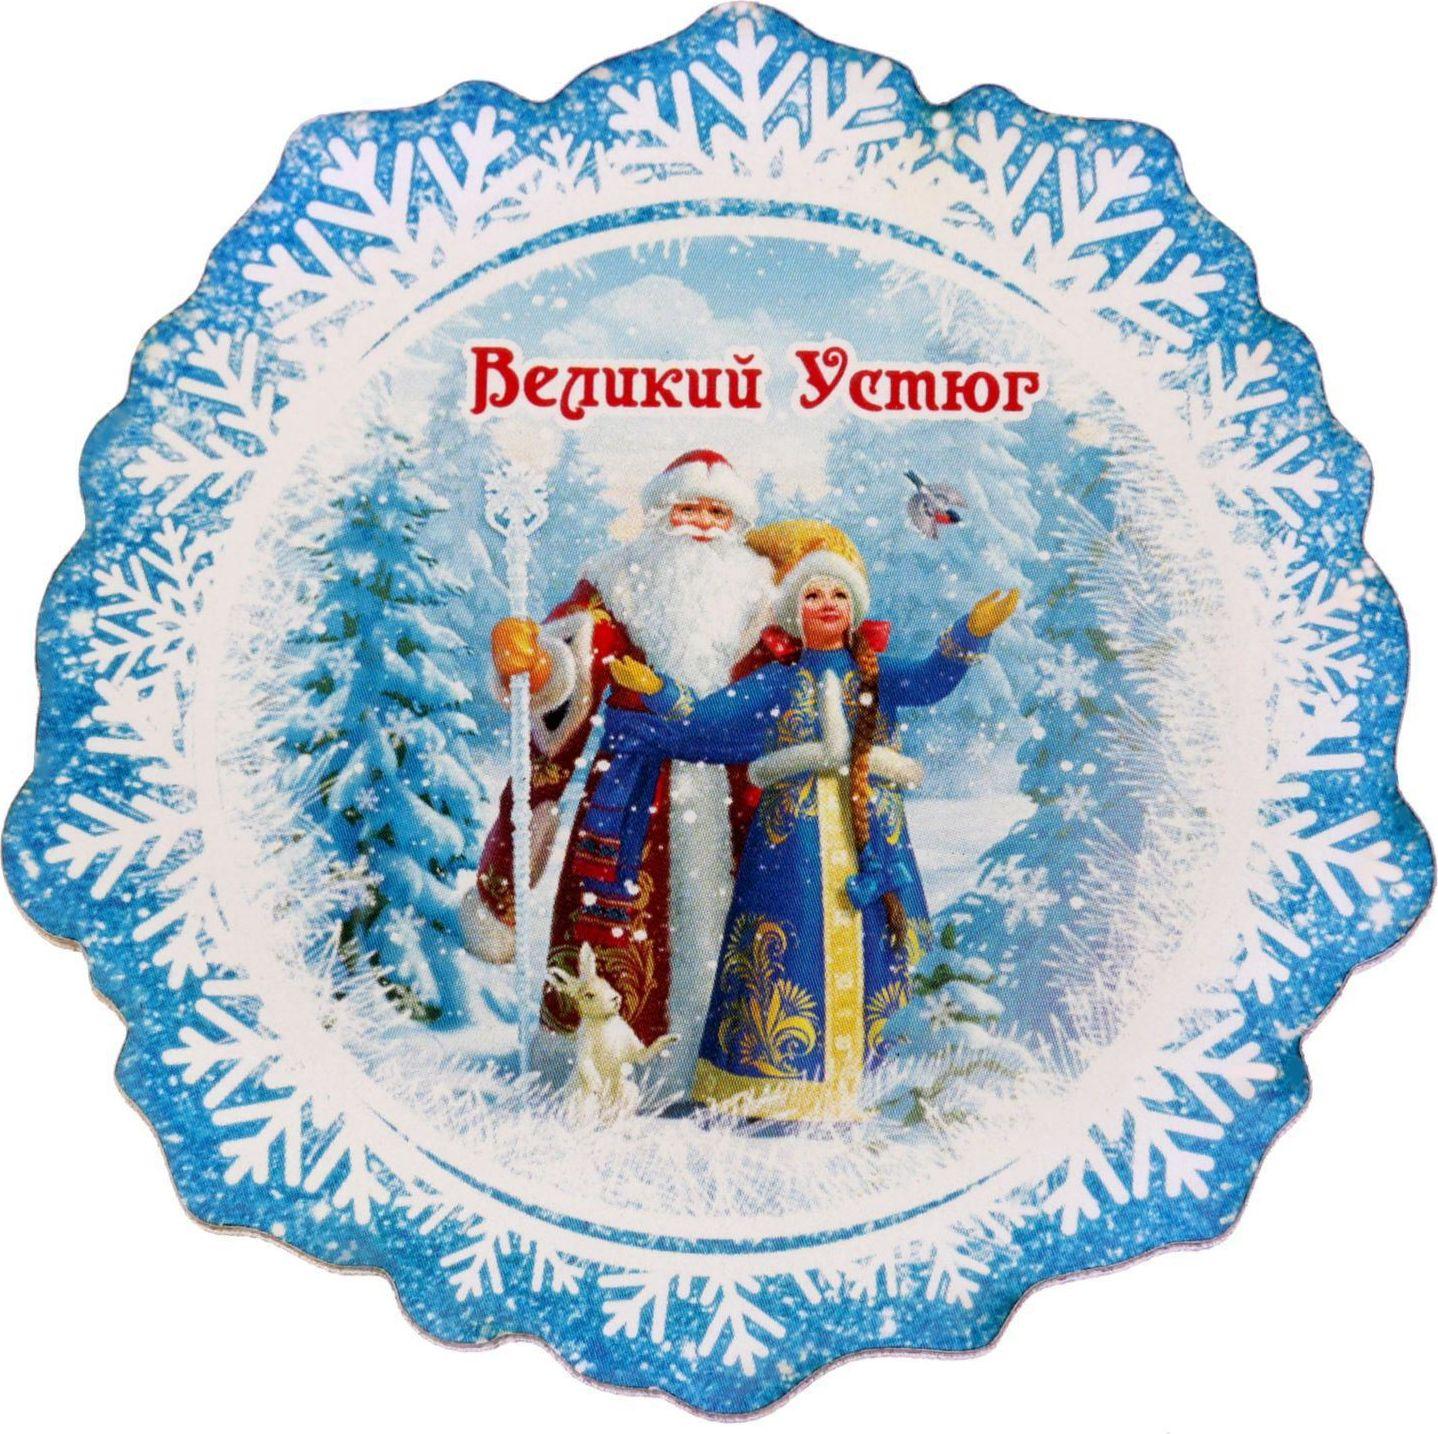 Картинки, открытки новогодние из великого устюга